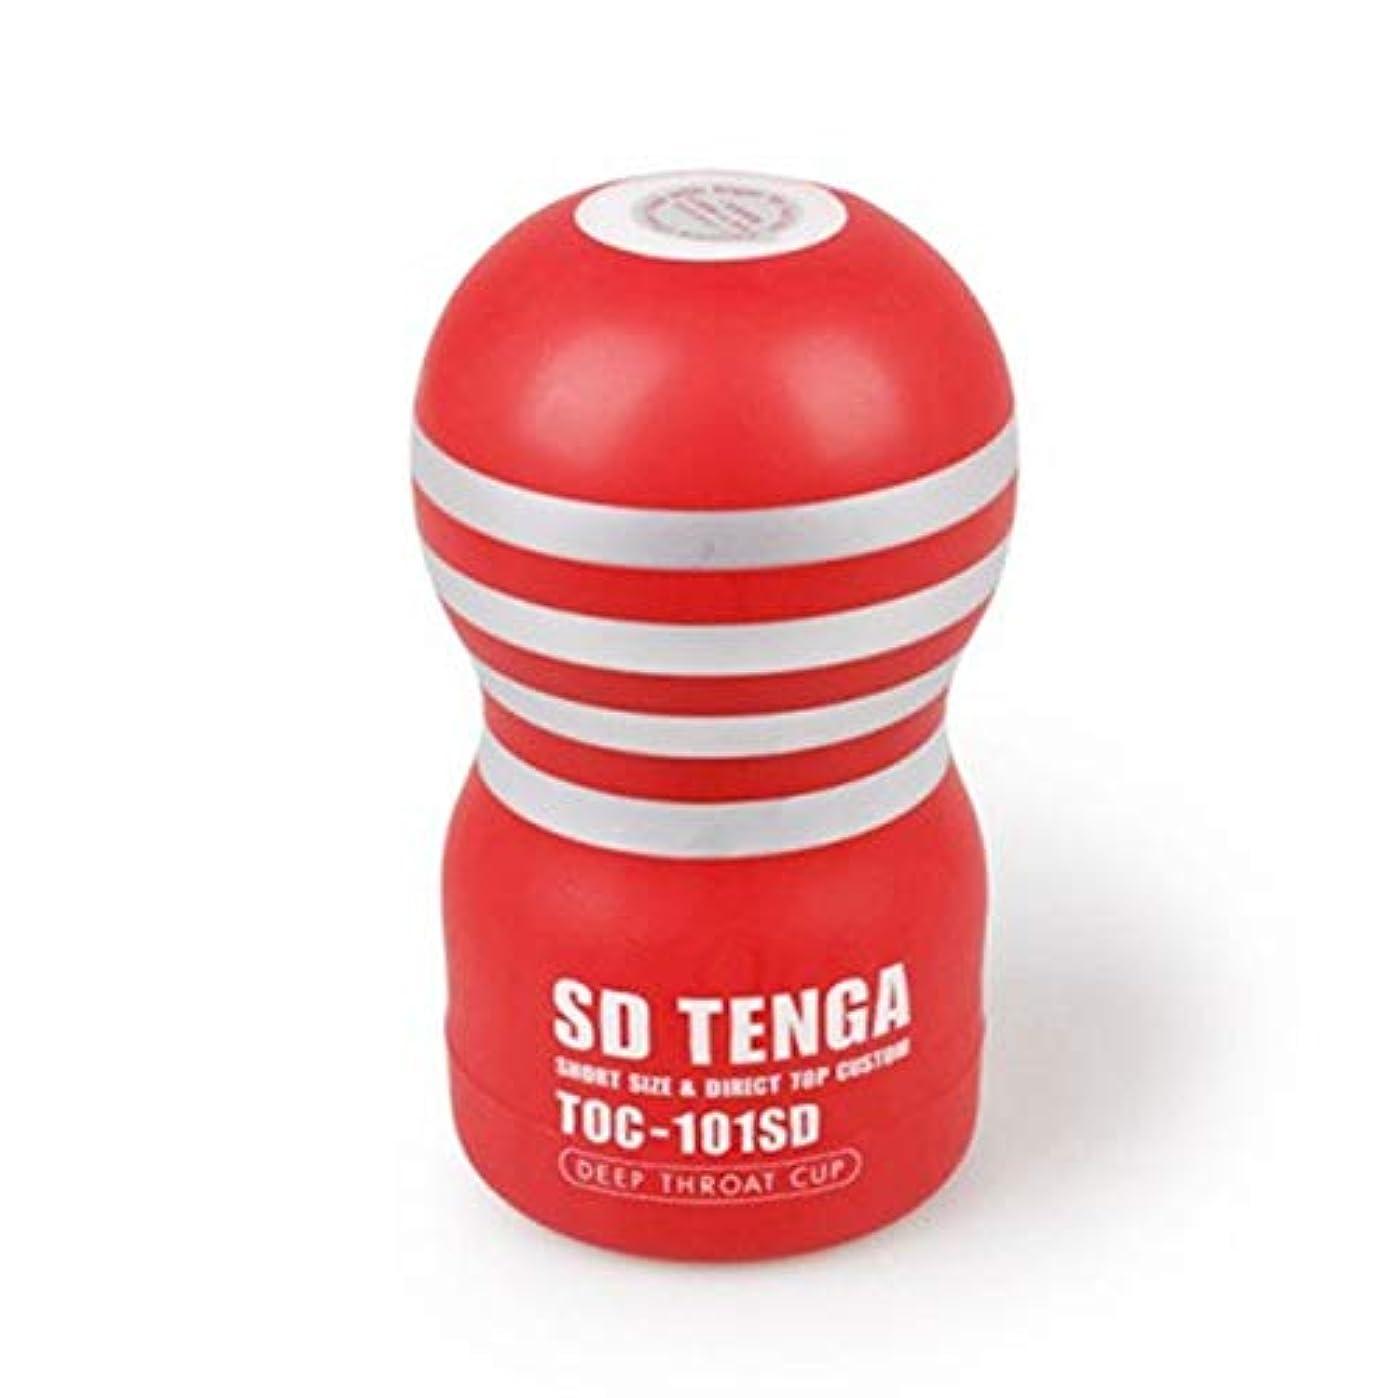 メッセージ失う報いるRabugoo 大人のおもちゃ 再利用可能な真空セックスカップソフトシリコン膣リアルプッシーセクシーなポケット男性オナニーカップ大人のおもちゃ TOC-101SDスモールレッド